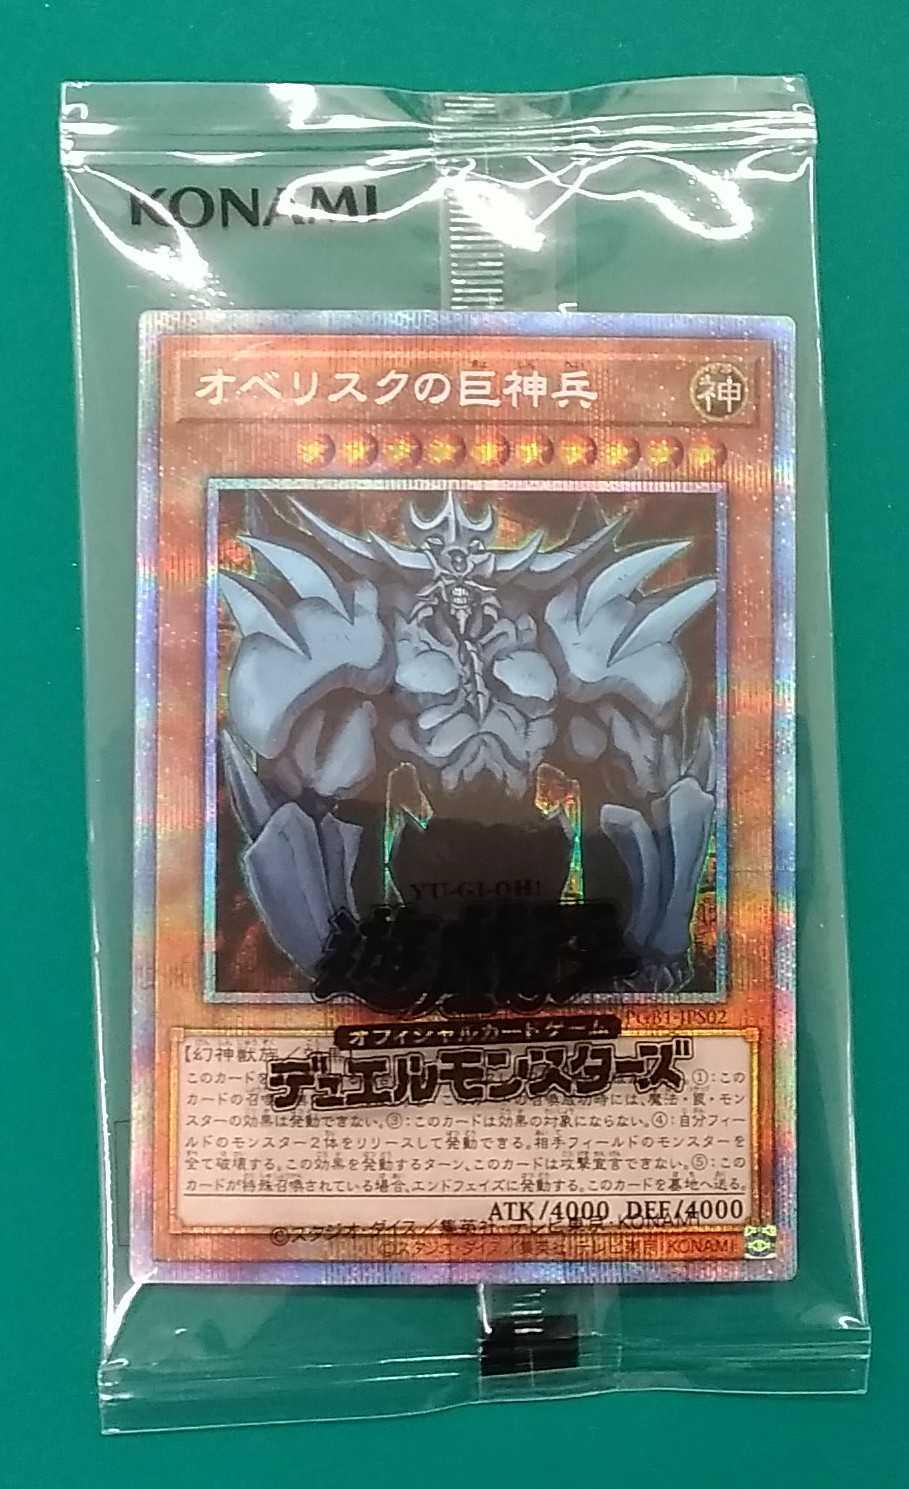 オベリスクの巨神兵|コナミ